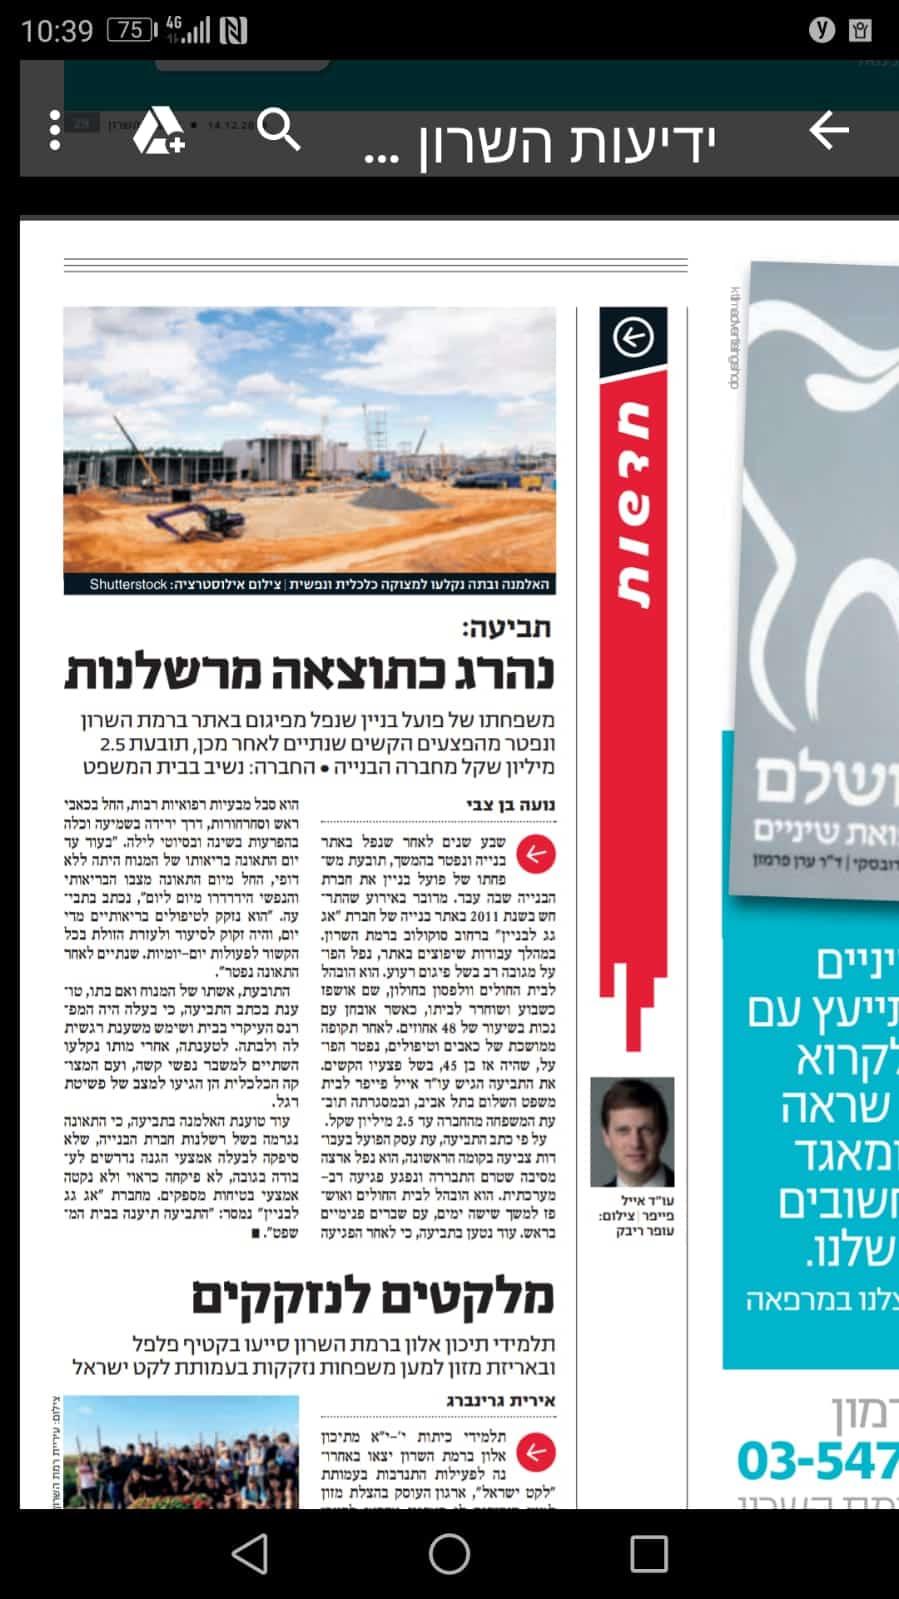 דעה | די להפקרת ביטחונם של פועלי הבניין | ישראל היום